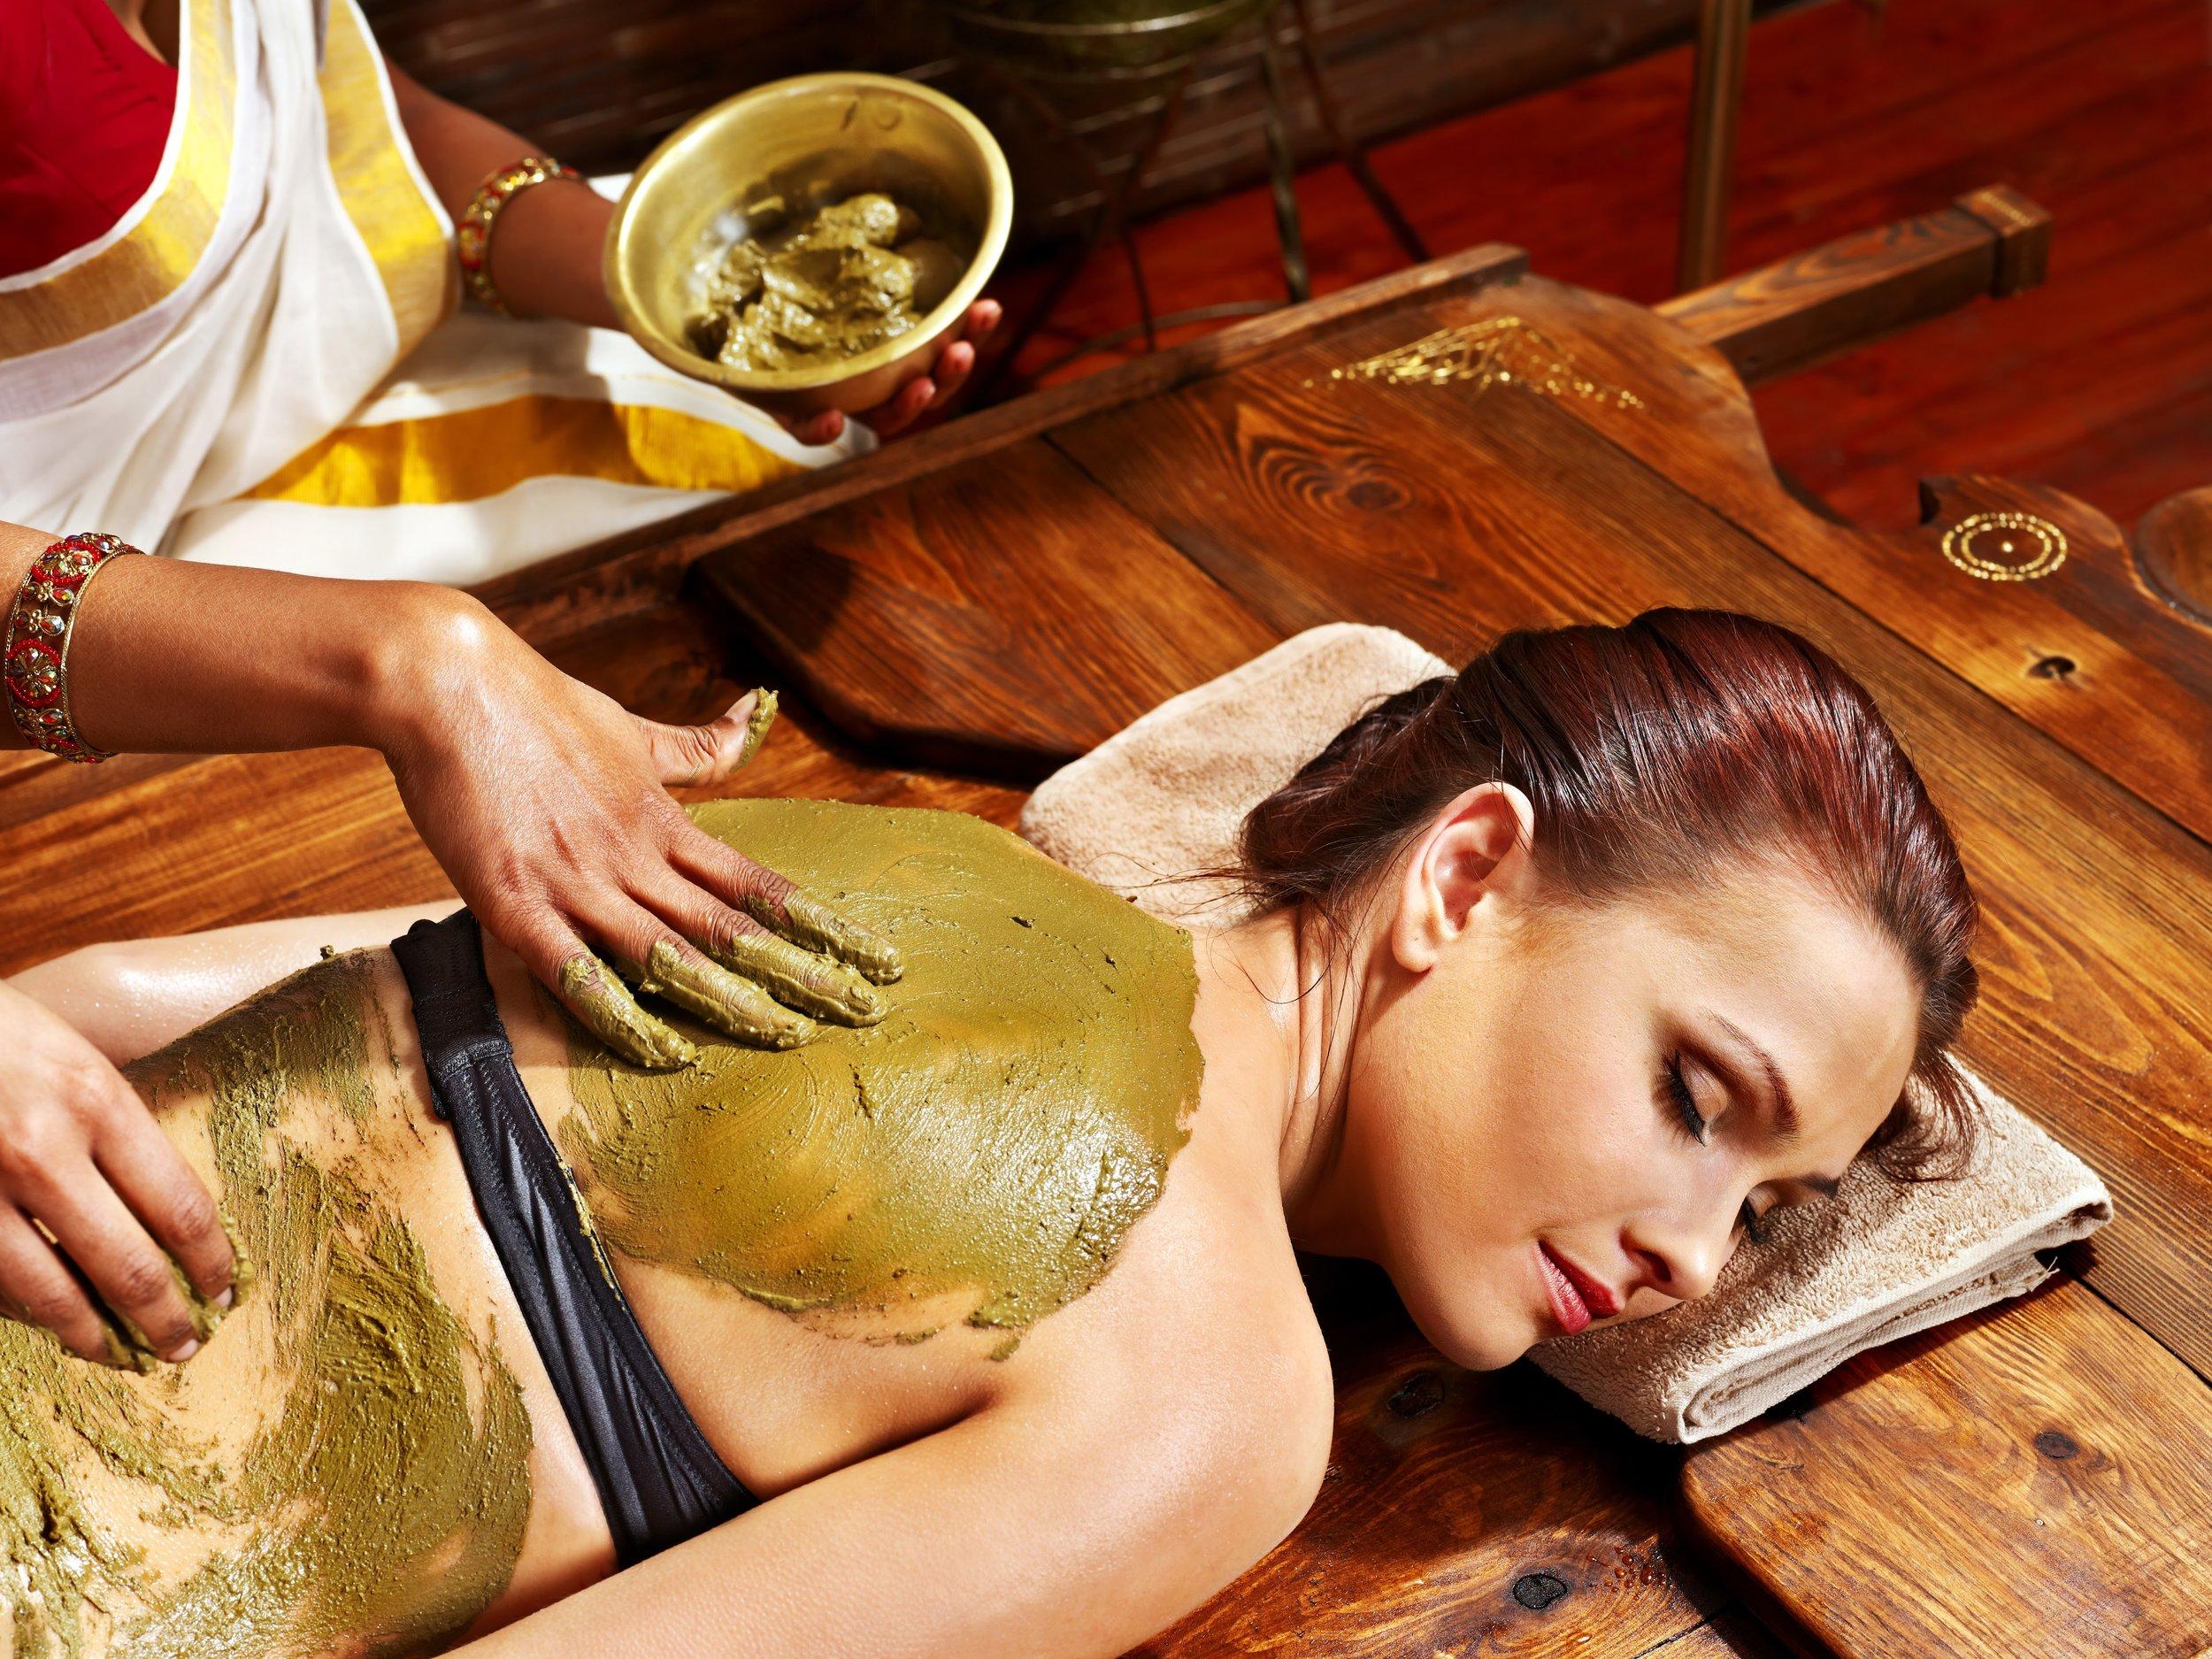 woman-receiving-pampering.jpg